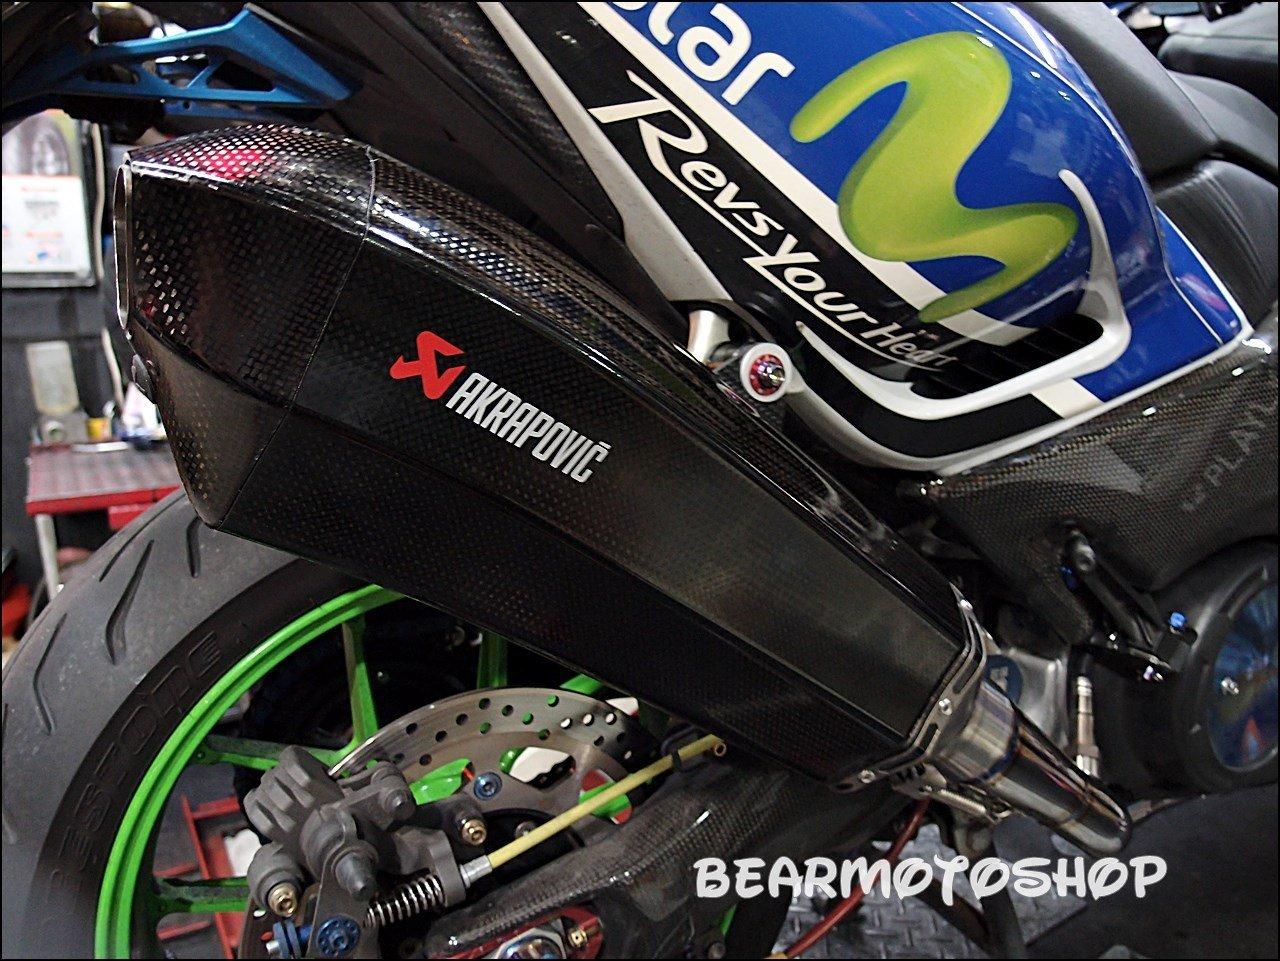 【貝爾摩托車精品店】AKRAPOVIC 蠍子 TMAX 530 卡夢異形管 異形蠍 單尾段 排氣管 含原廠消音塞 異型蠍